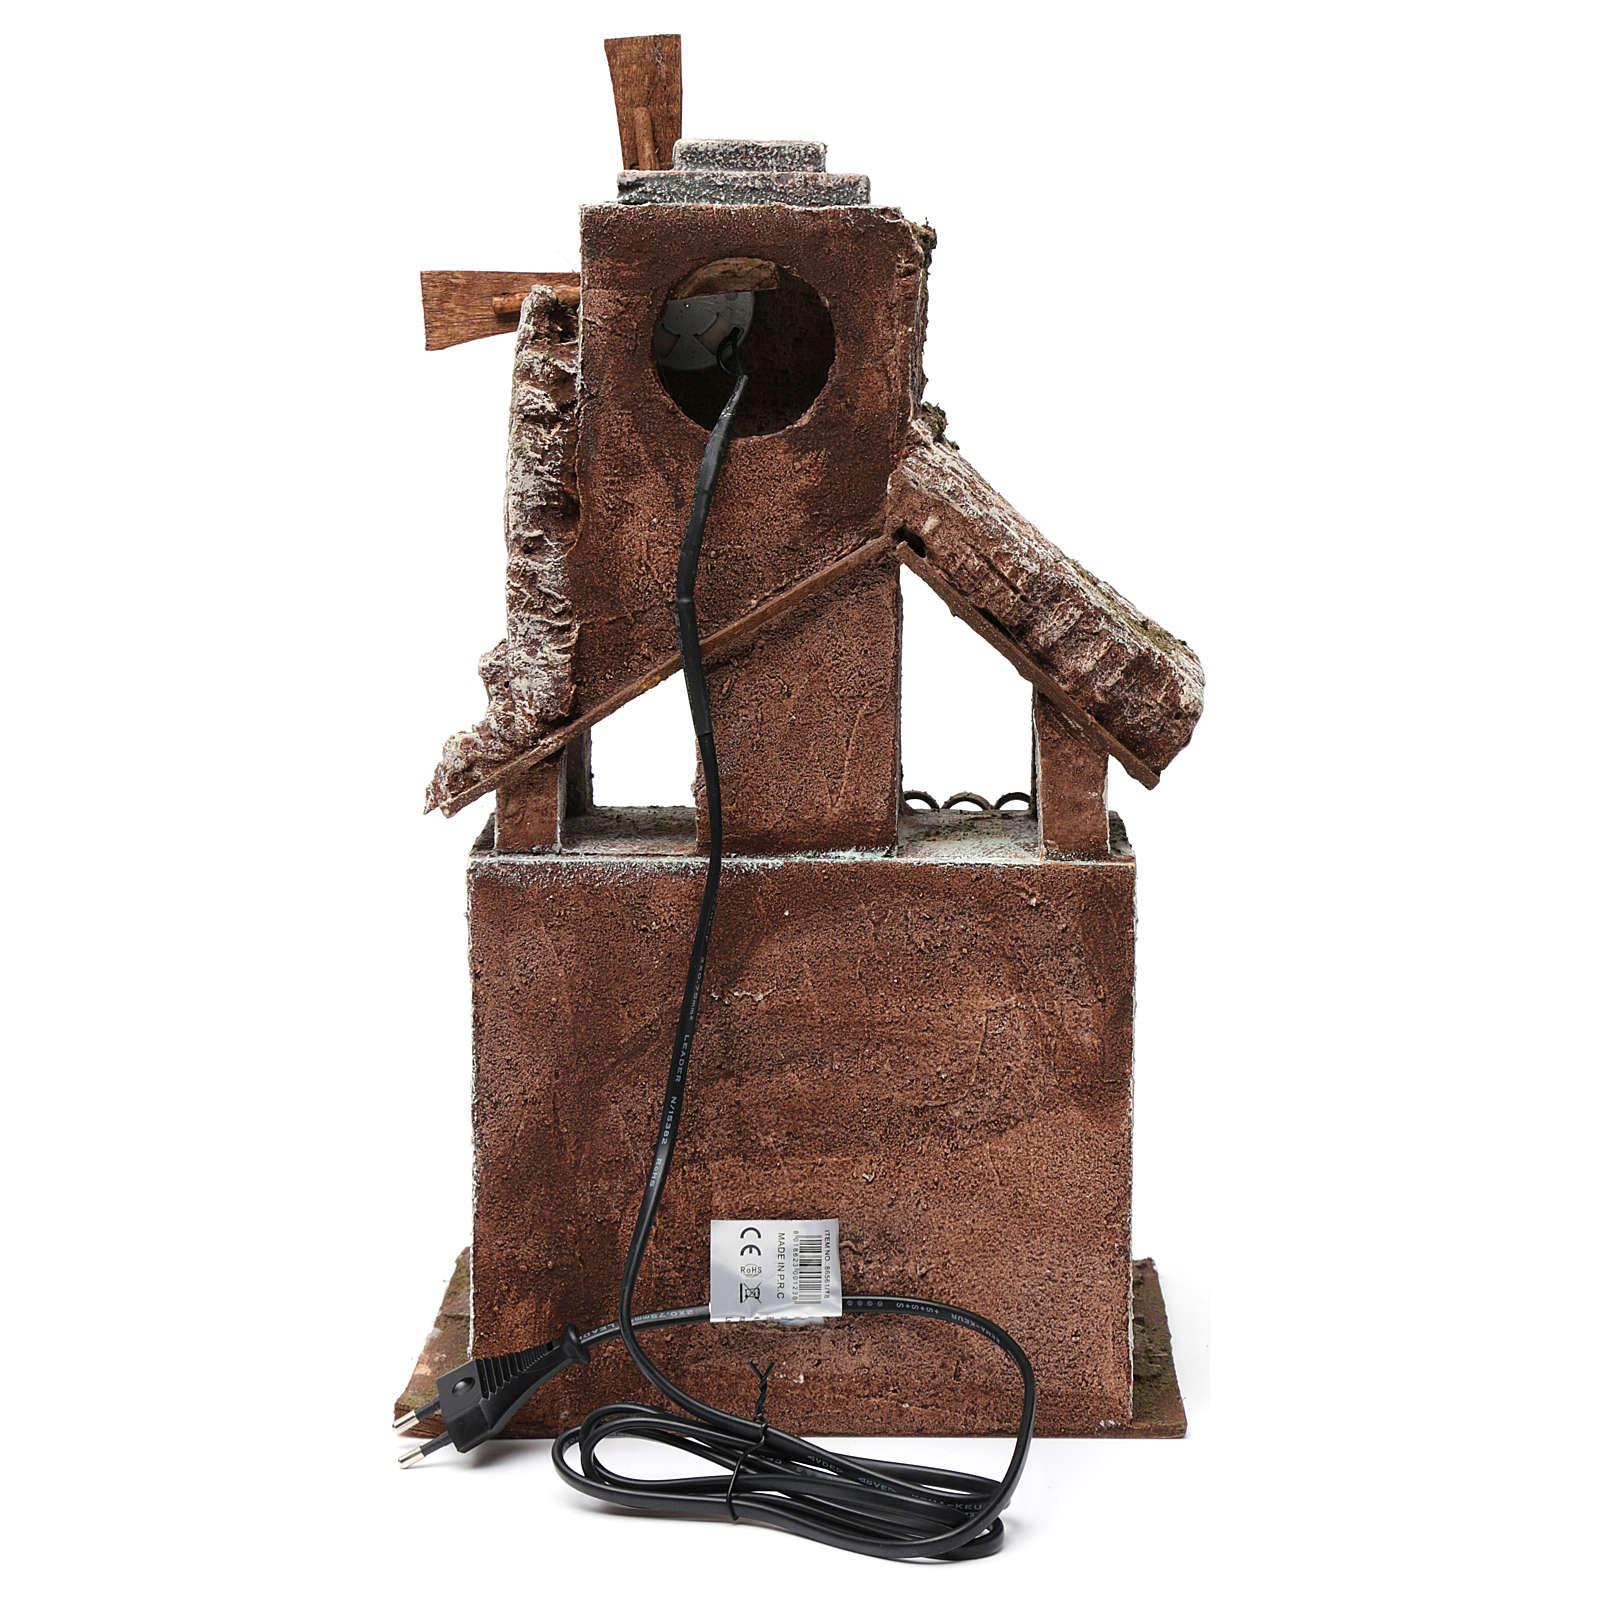 Mulino per presepe quattro eliche con porta in legno, tetto con tegole e pala 45X20X25 cm 4